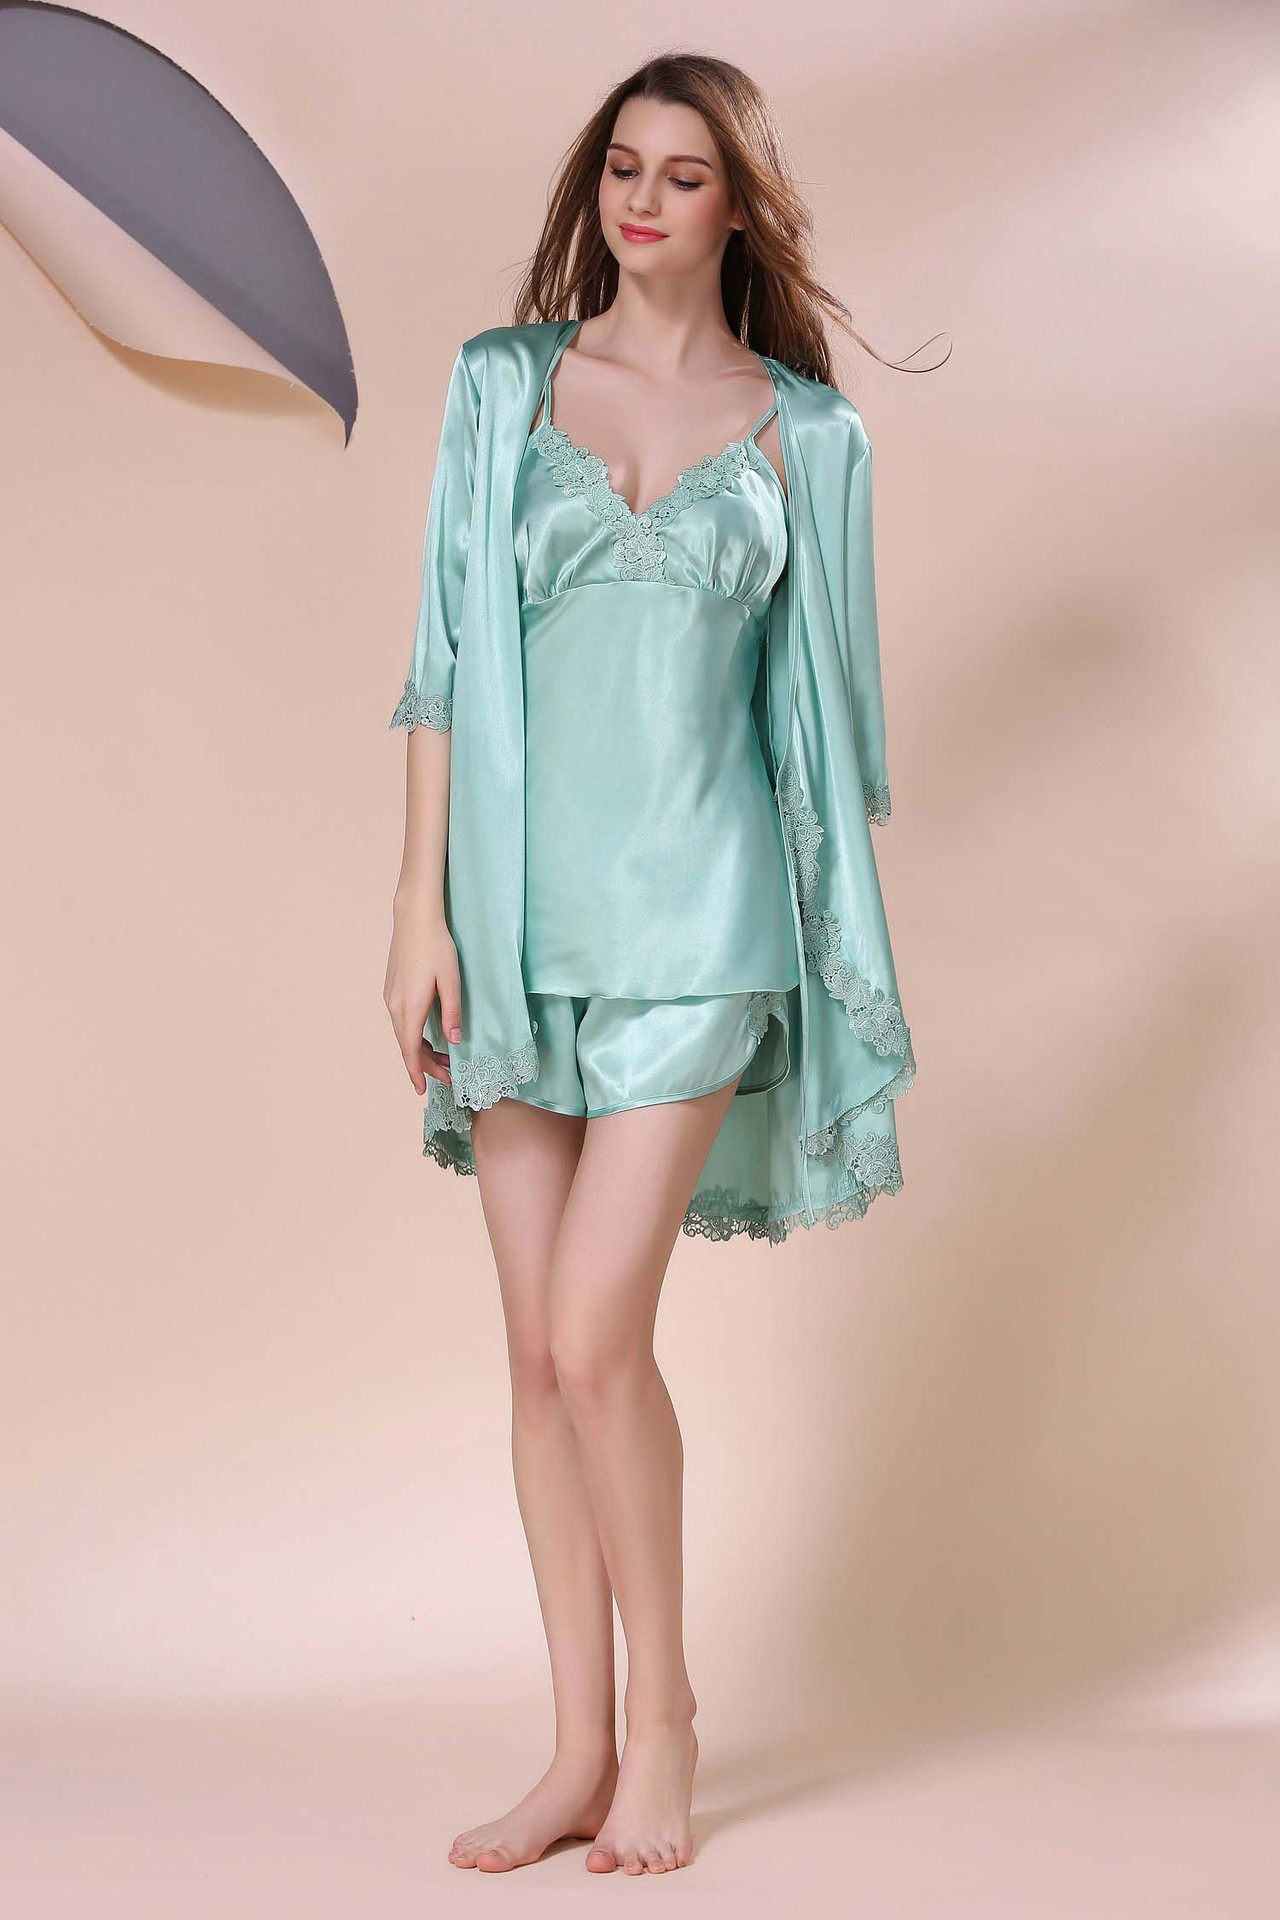 0f372d07c Primavera Elegante Dama de Cetim De Seda Pijamas 3 peça Conjunto ...